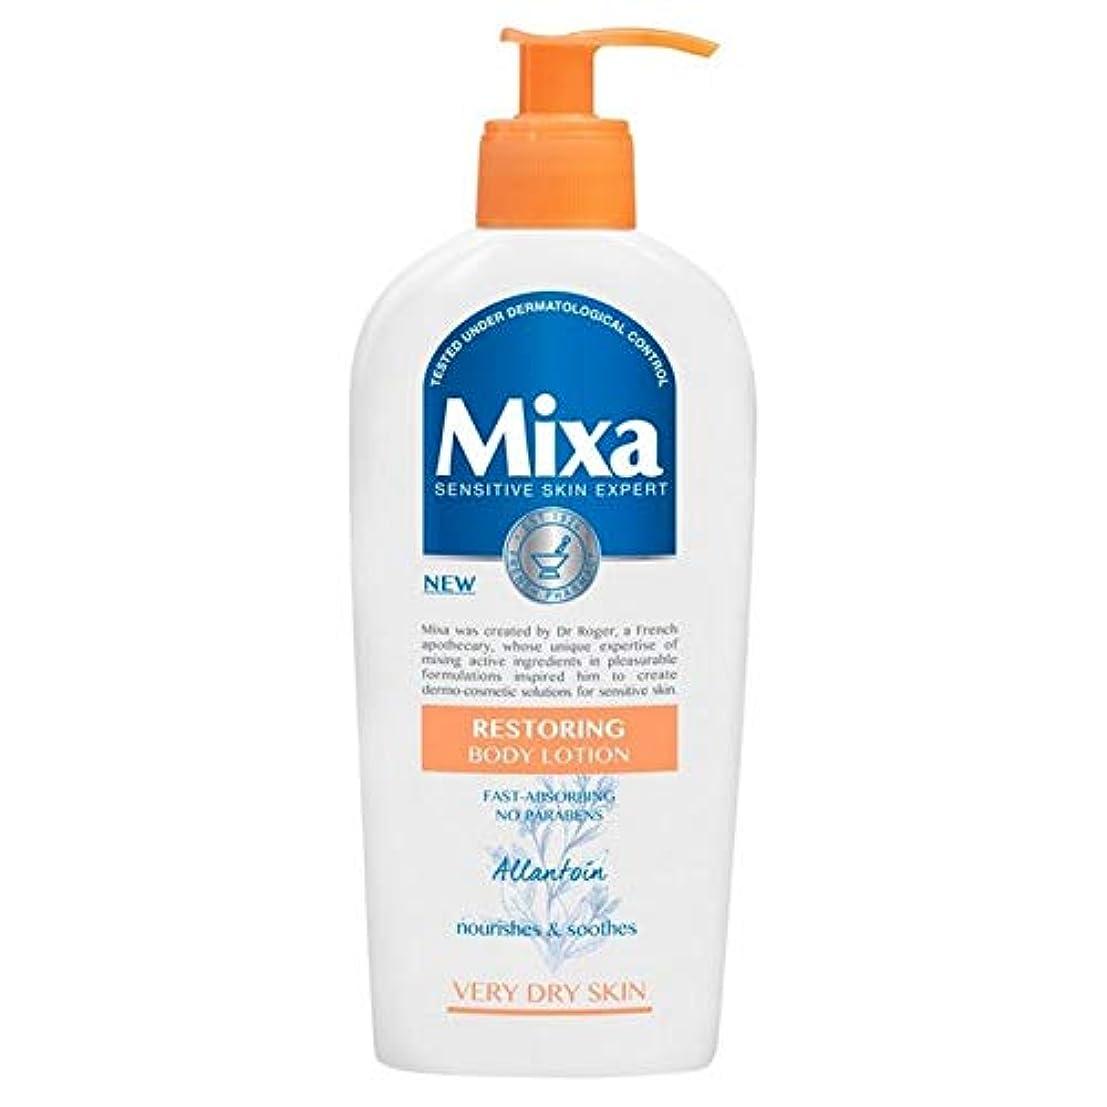 負驚いた遊び場[Mixa] Mixa復元修理ボディローション250ミリリットル - Mixa Restoring Repair Body Lotion 250ml [並行輸入品]